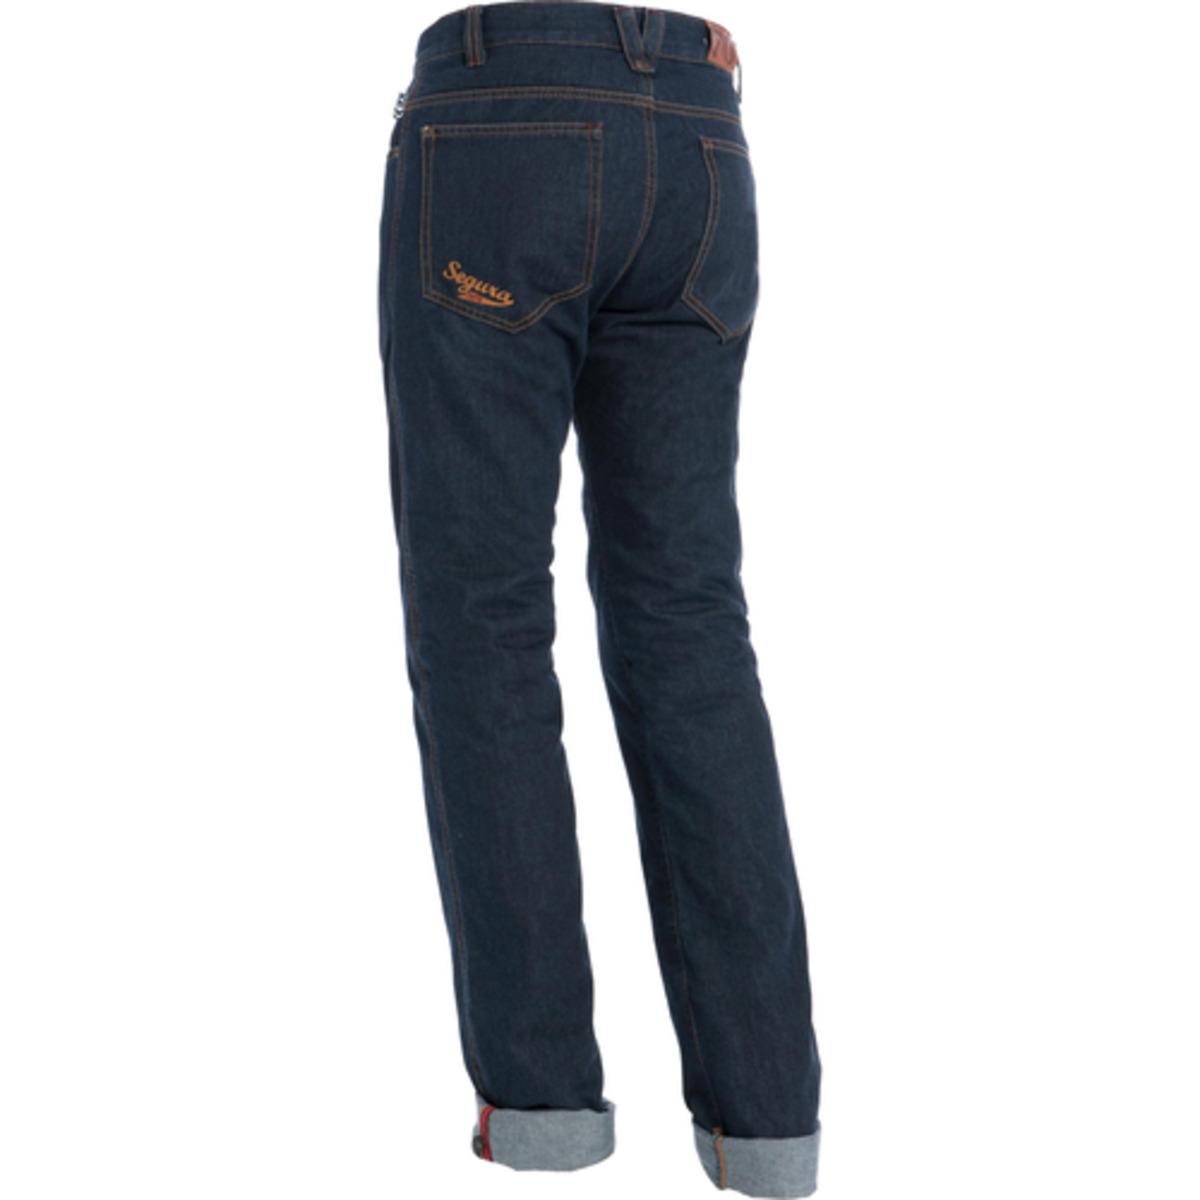 Bild 2 von Julys Jeans